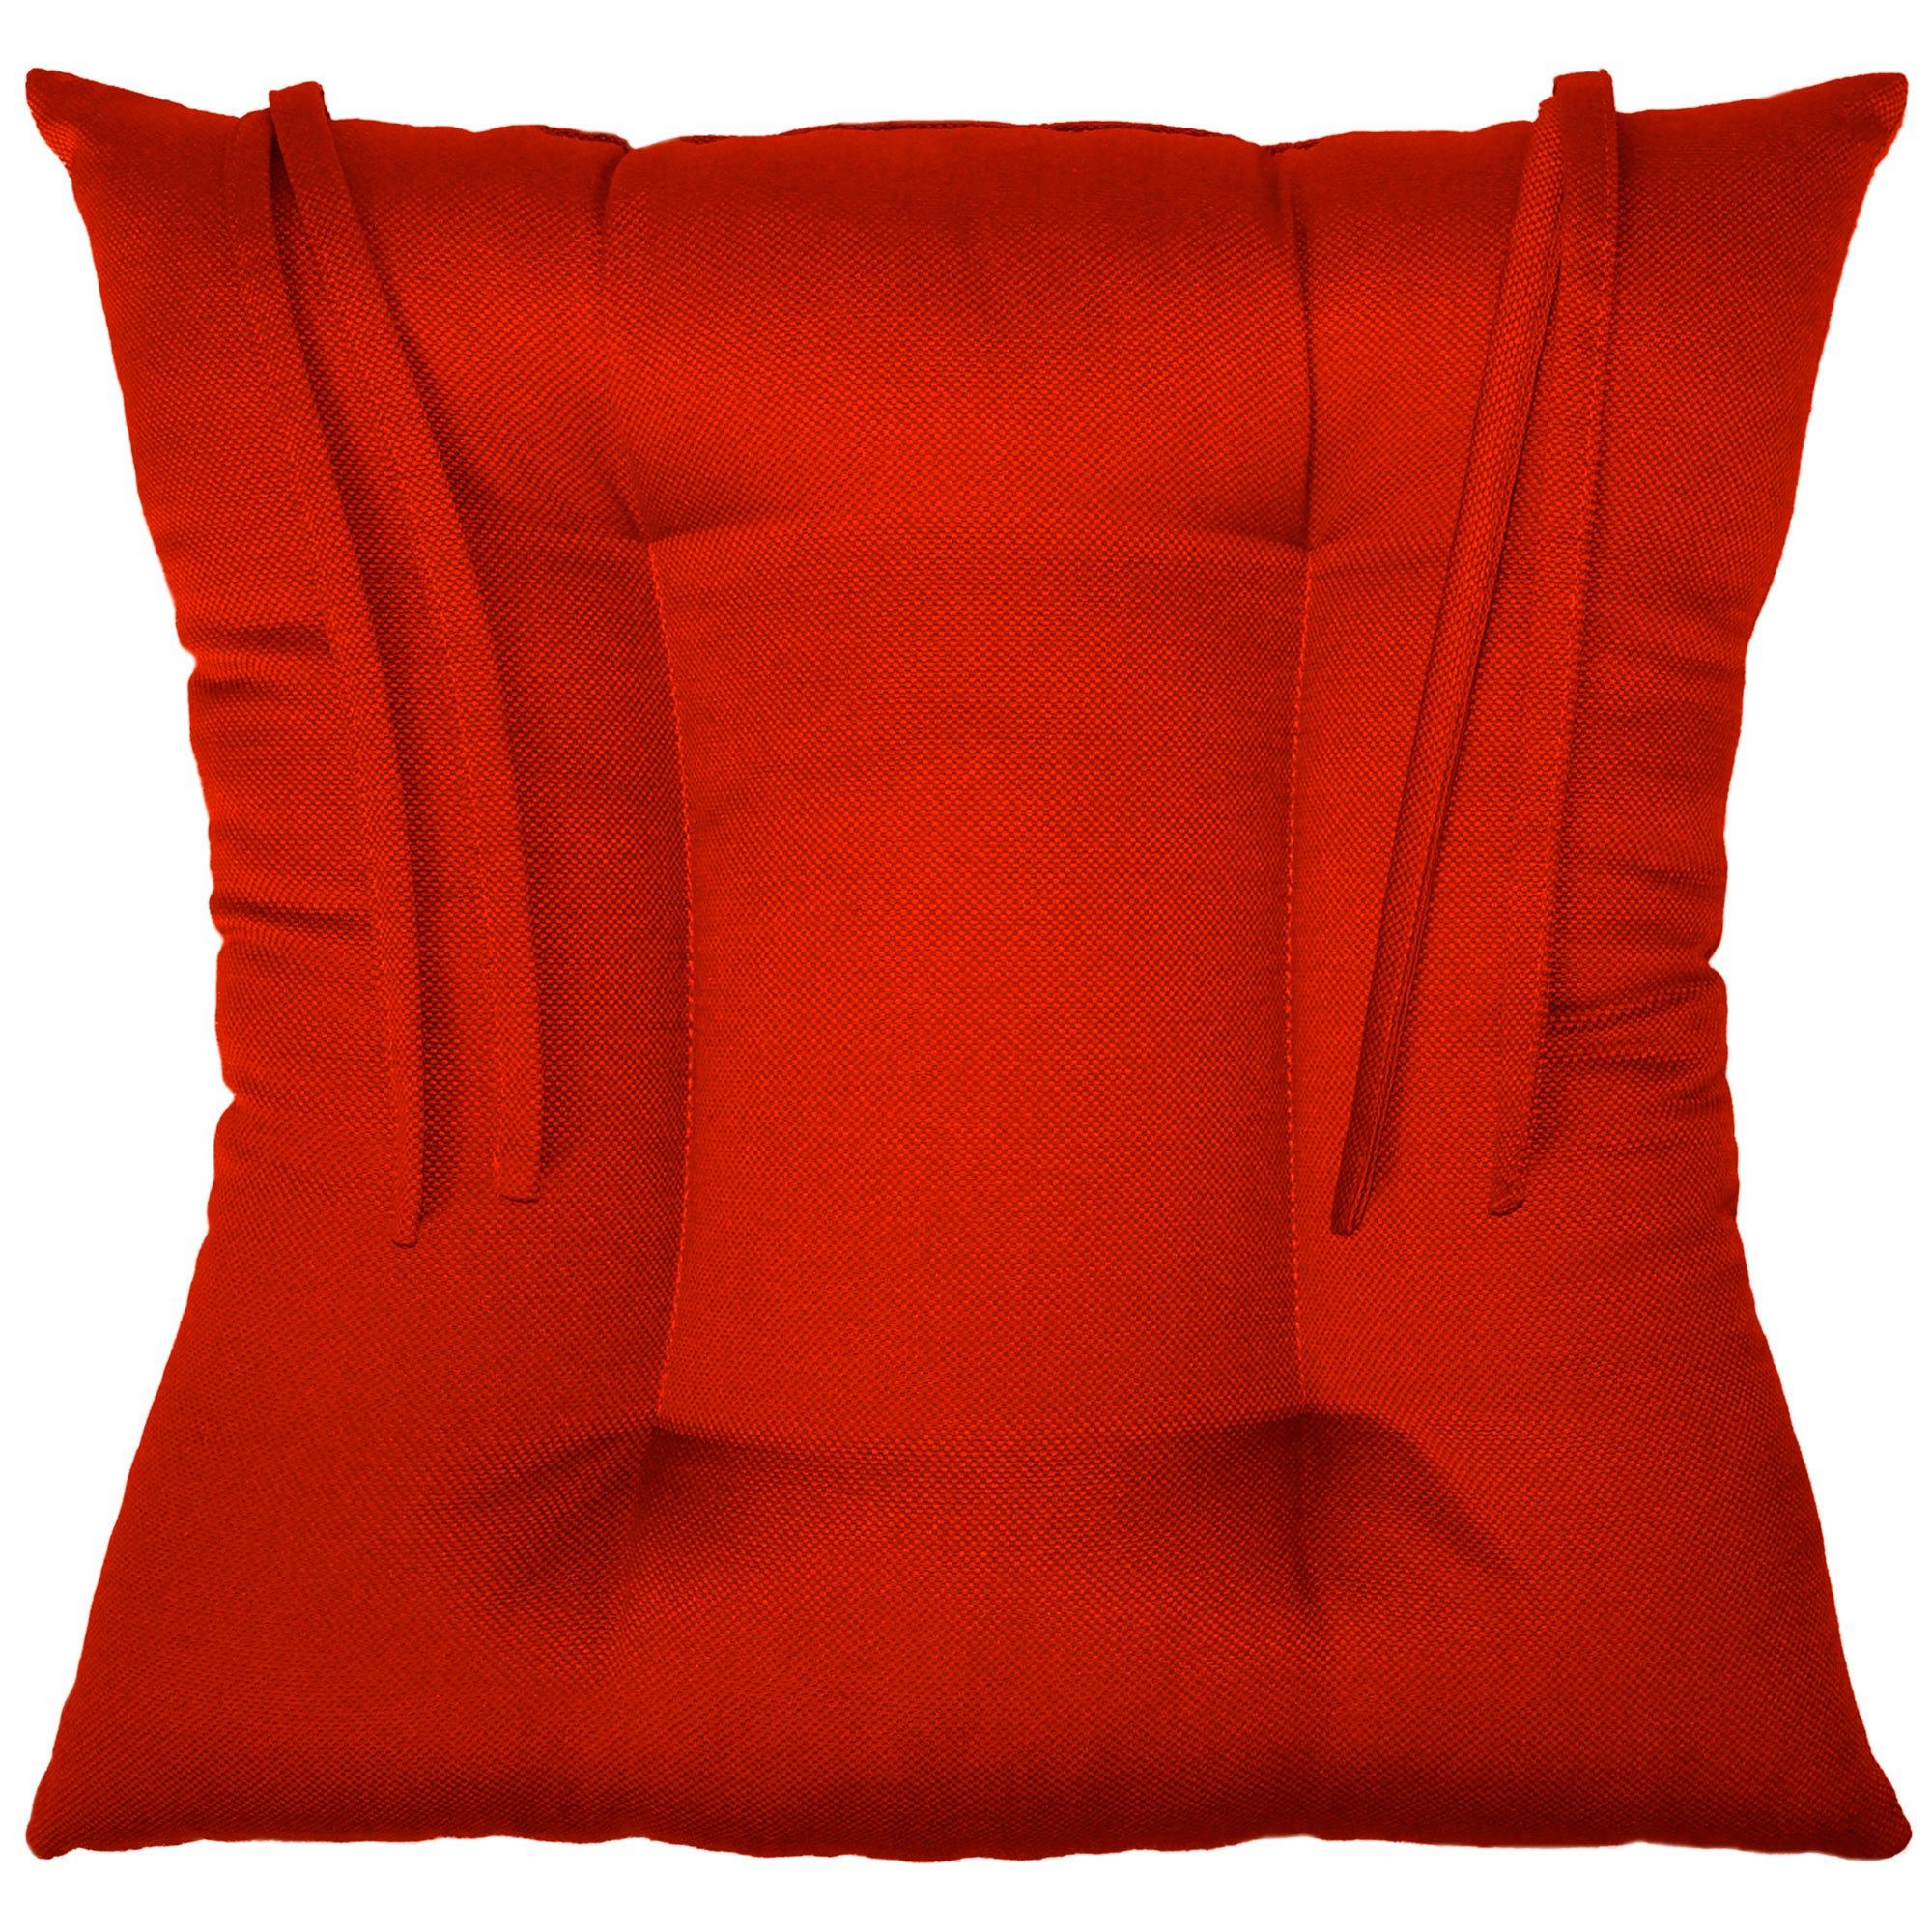 Cojín para silla color rojo